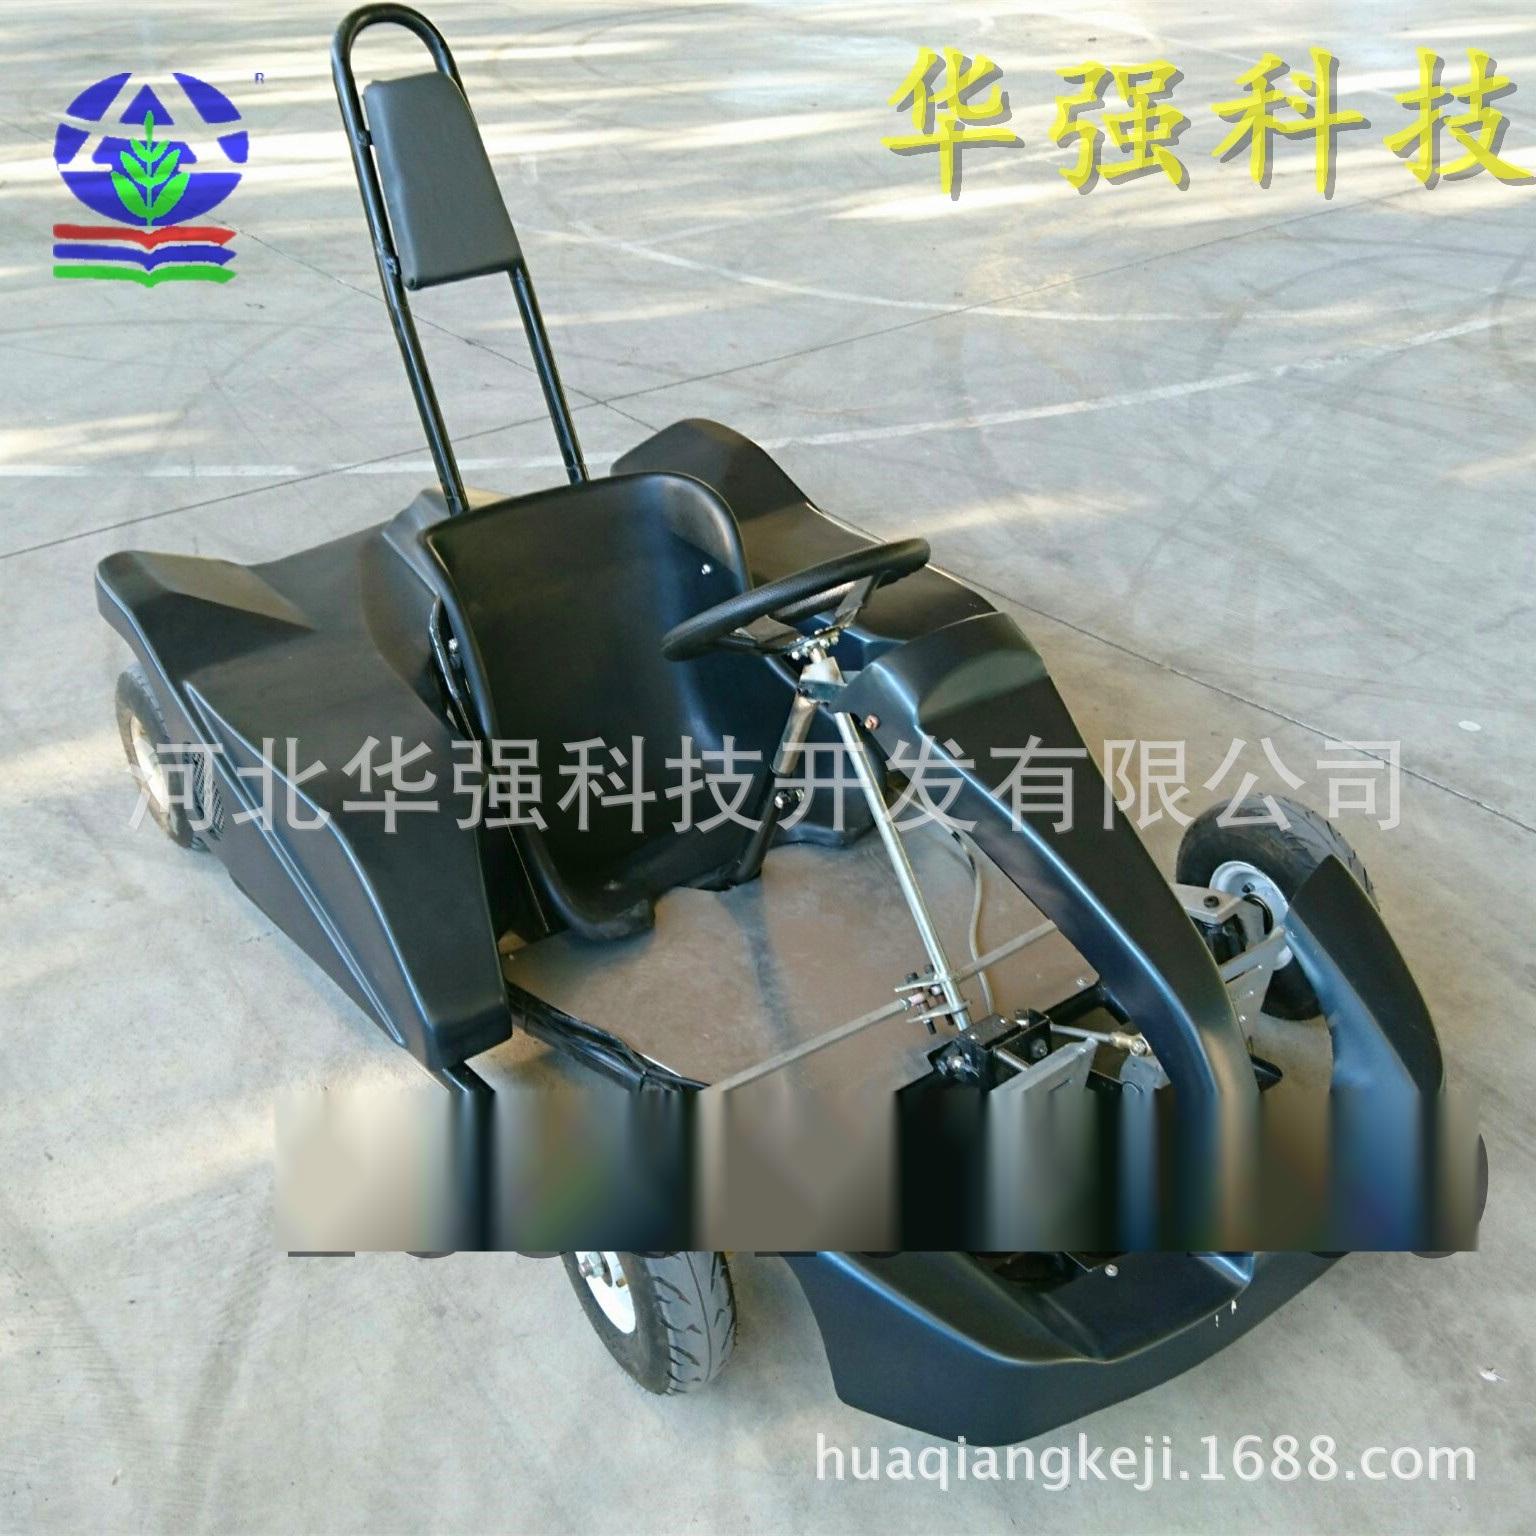 玻璃钢外壳定做厂家河北华强15354085109